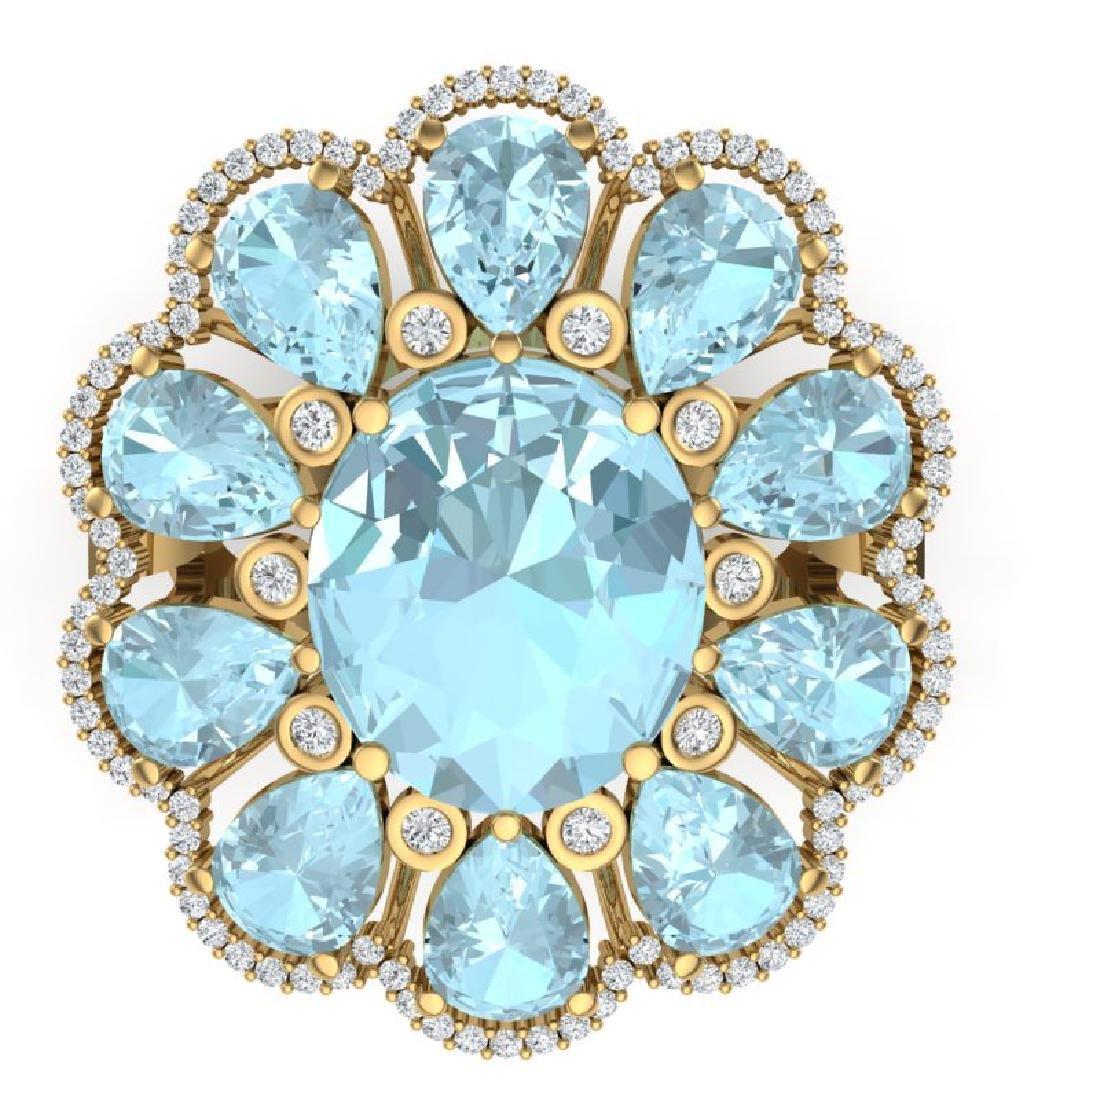 20.54 CTW Royalty Sky Topaz & VS Diamond Ring 18K - 2